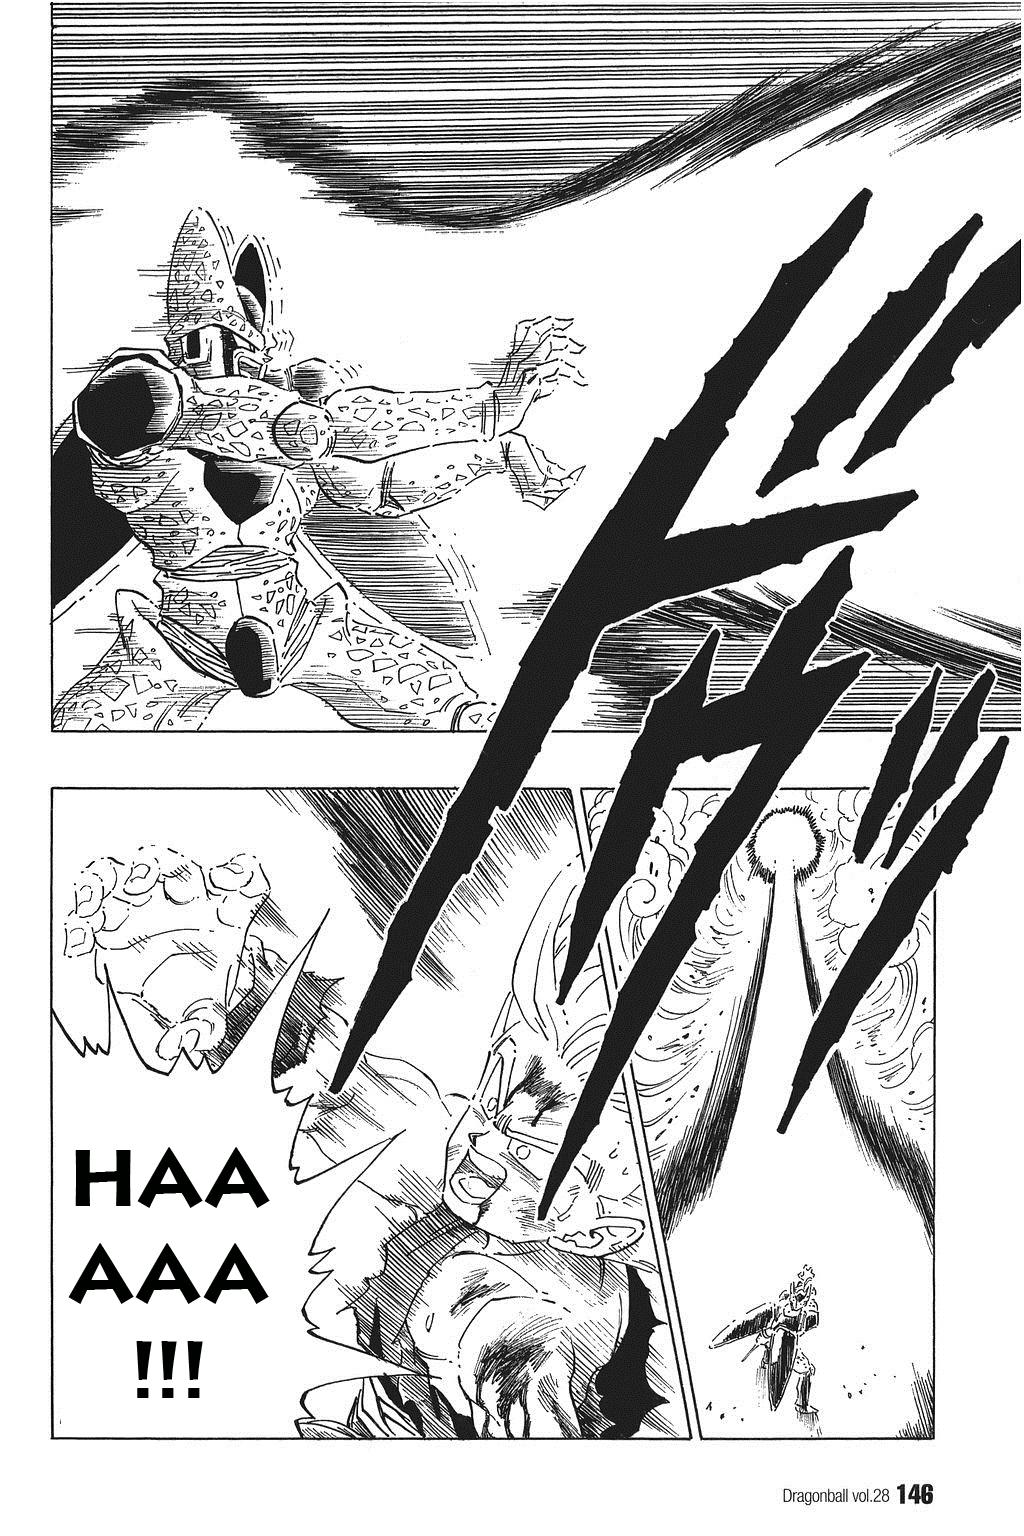 xem truyen moi - Dragon Ball Bản Vip - Bản Đẹp Nguyên Gốc Chap 415